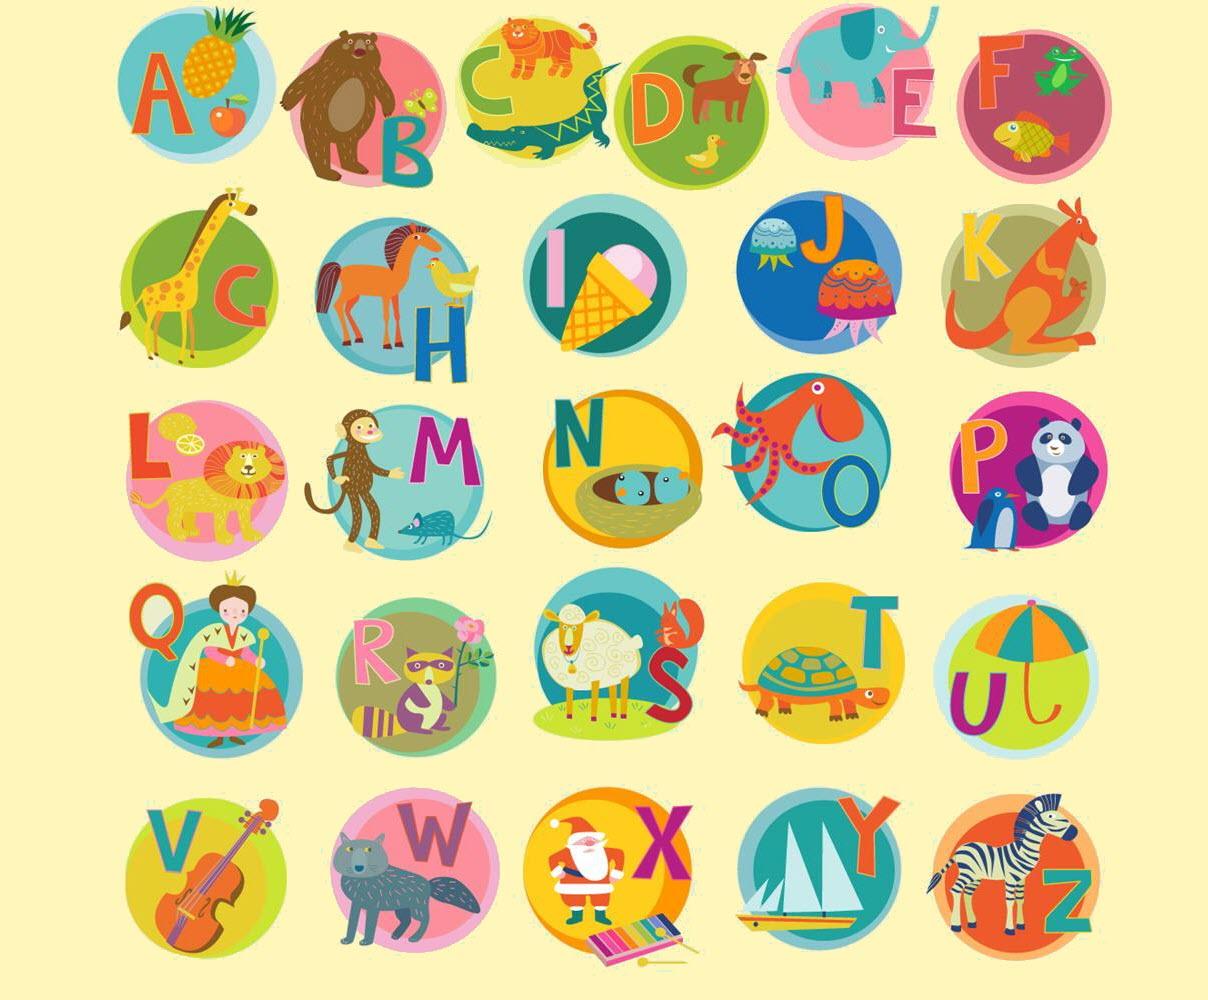 Hình ảnh bảng chữ cái tiếng Anh đáng yêu cho bé